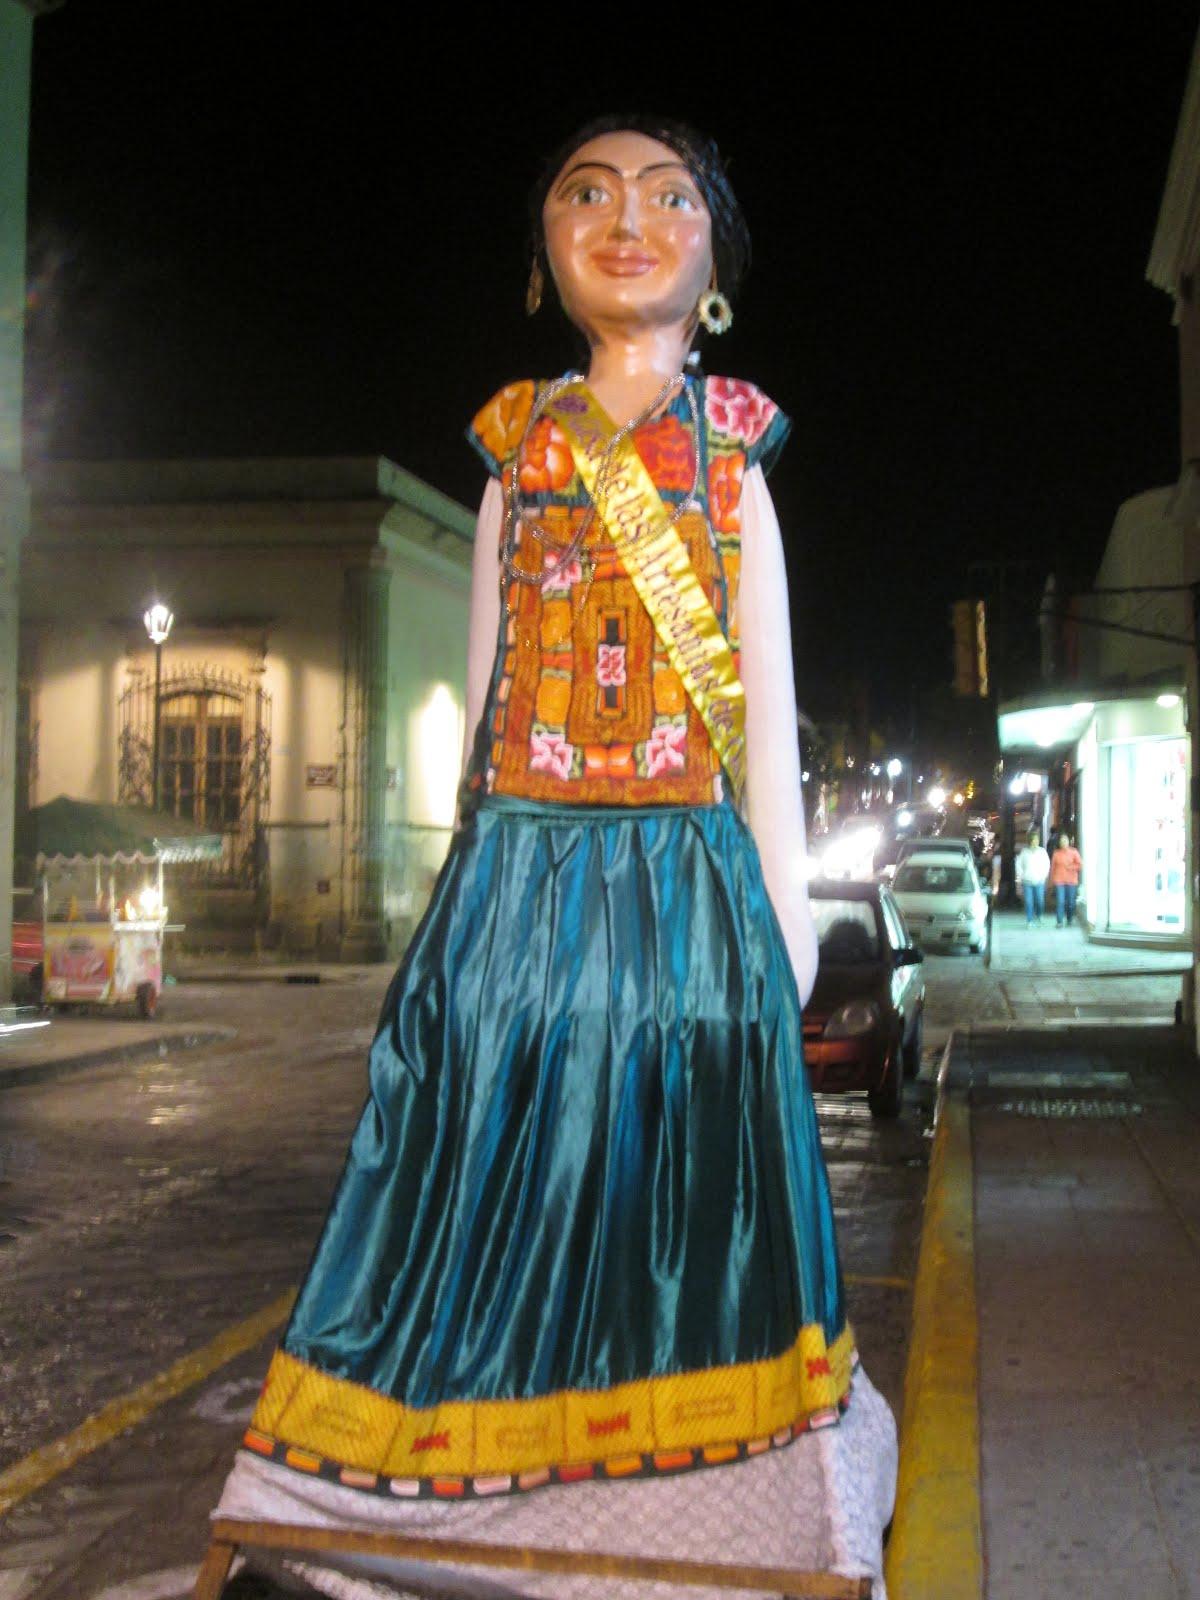 Alebrije in Oaxaca